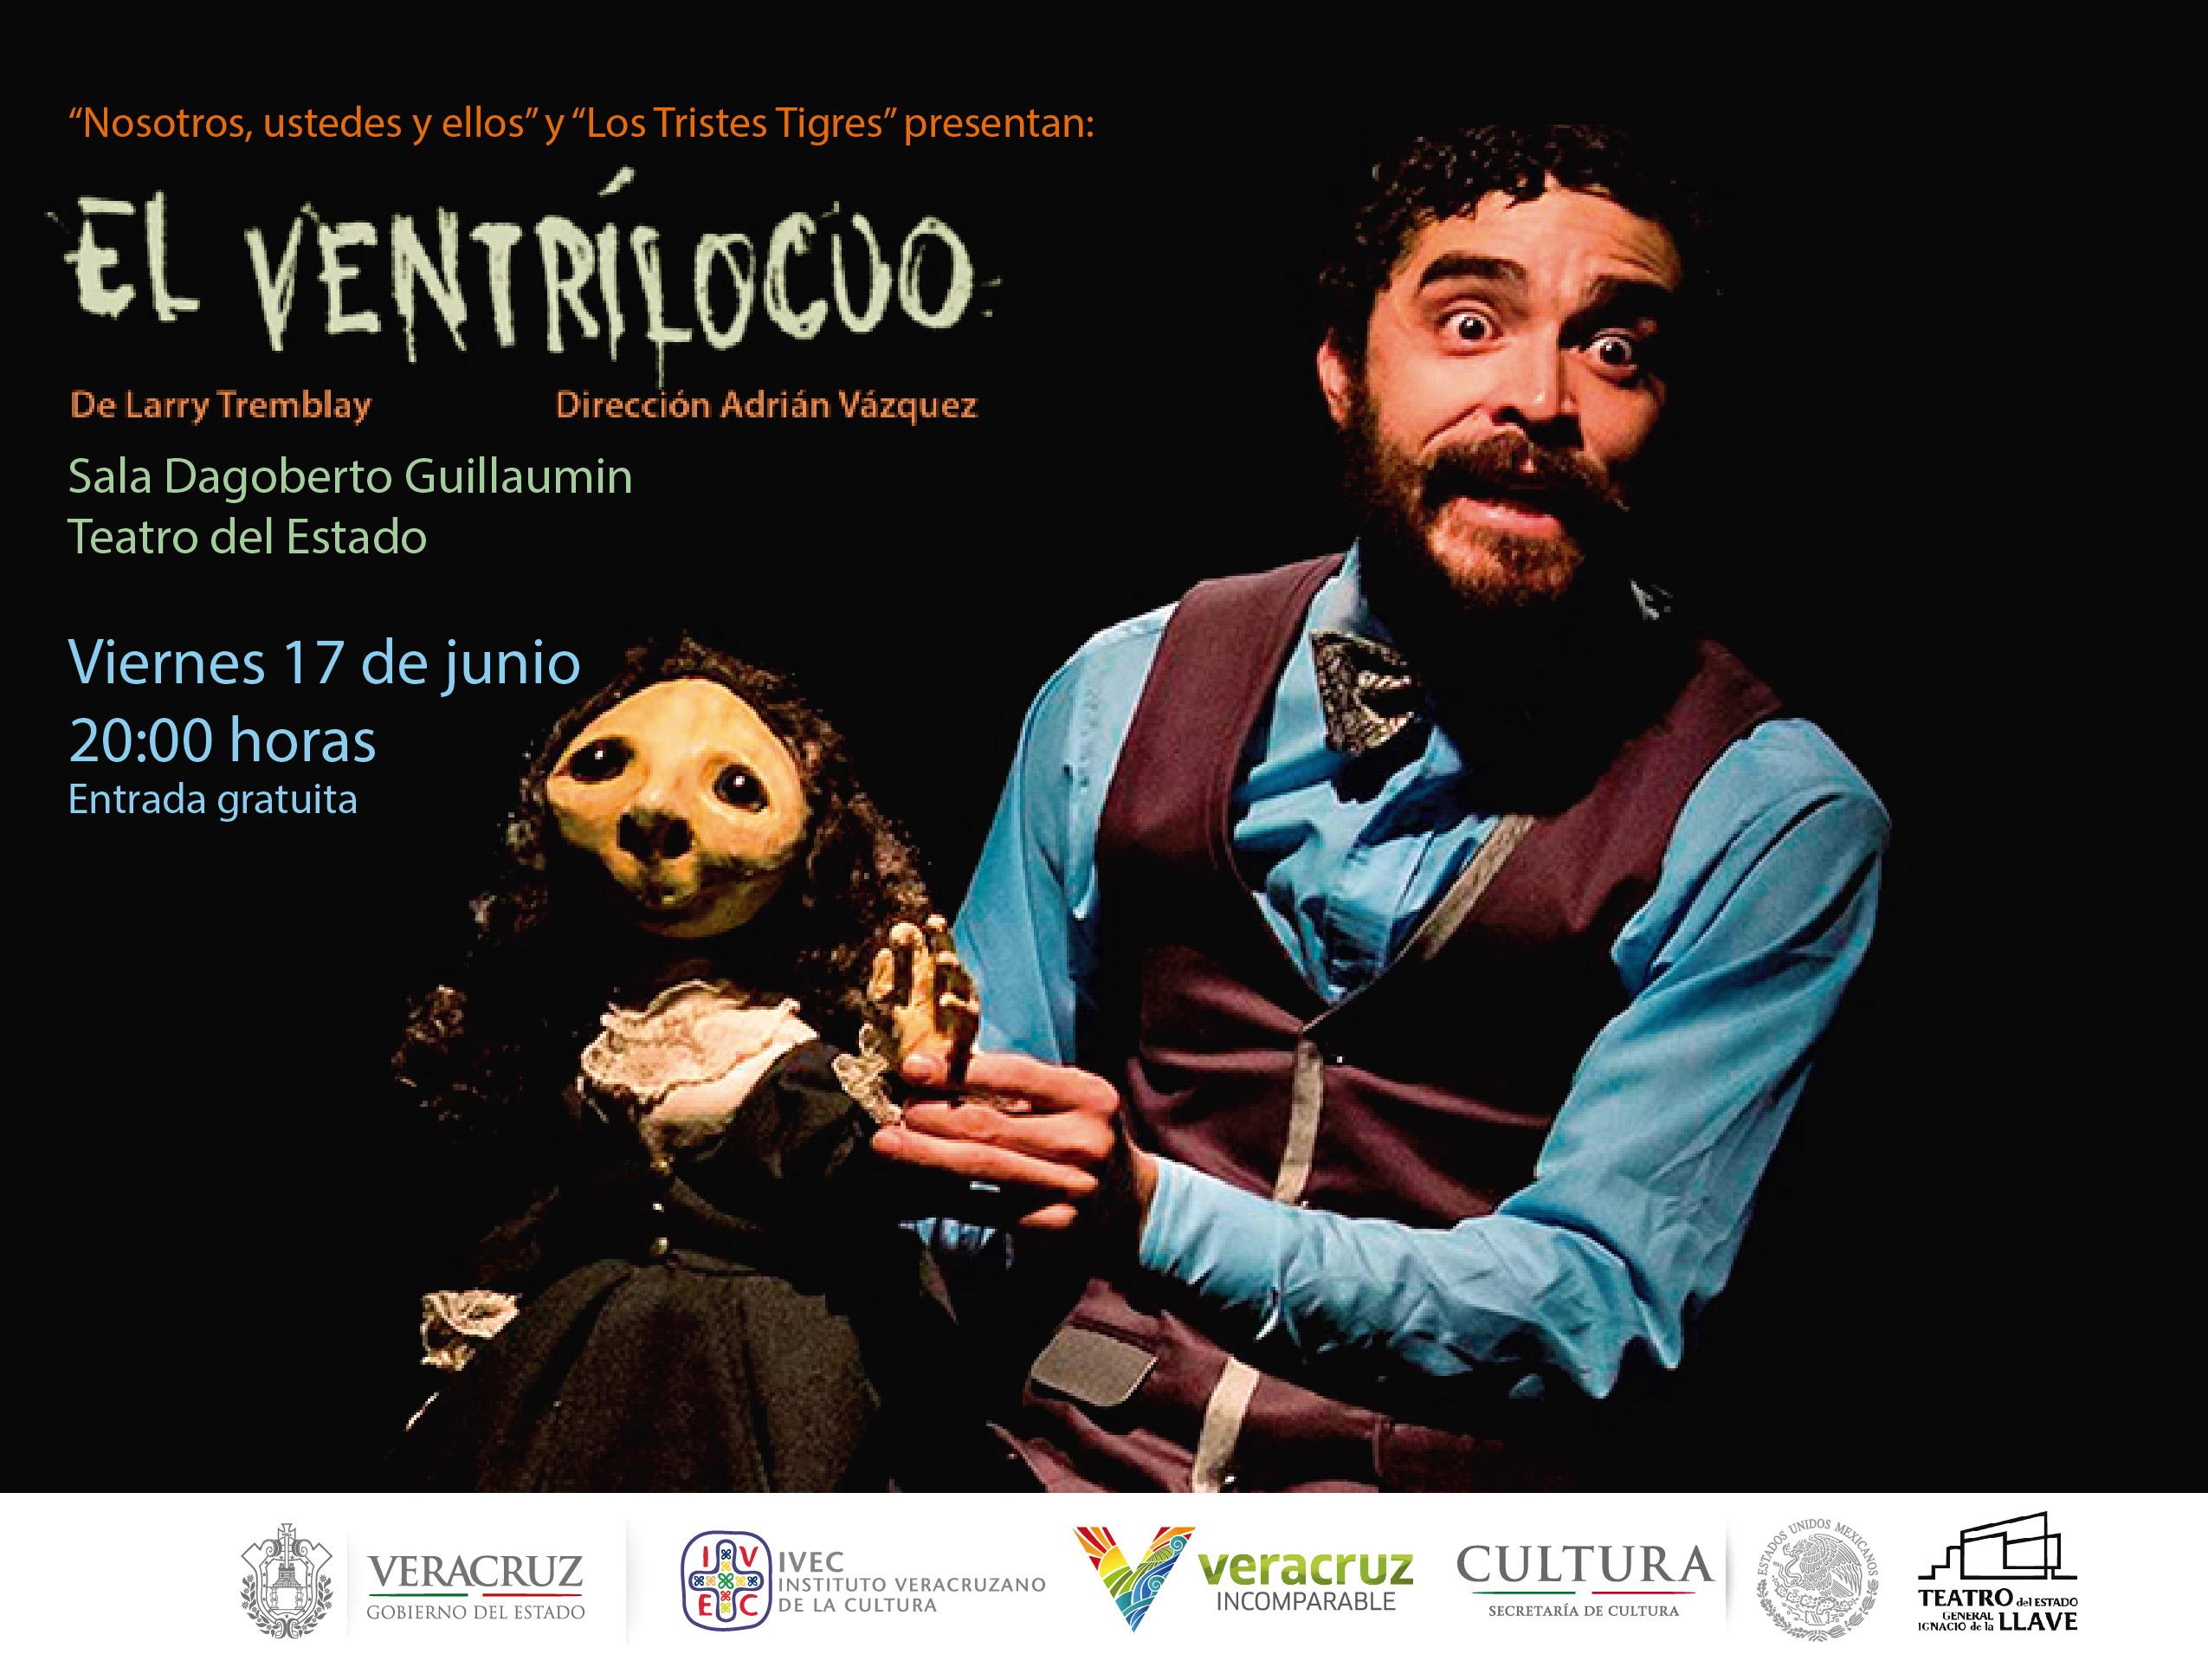 Presentarán obra de teatro El ventrílocuo, en Teatro del Estado